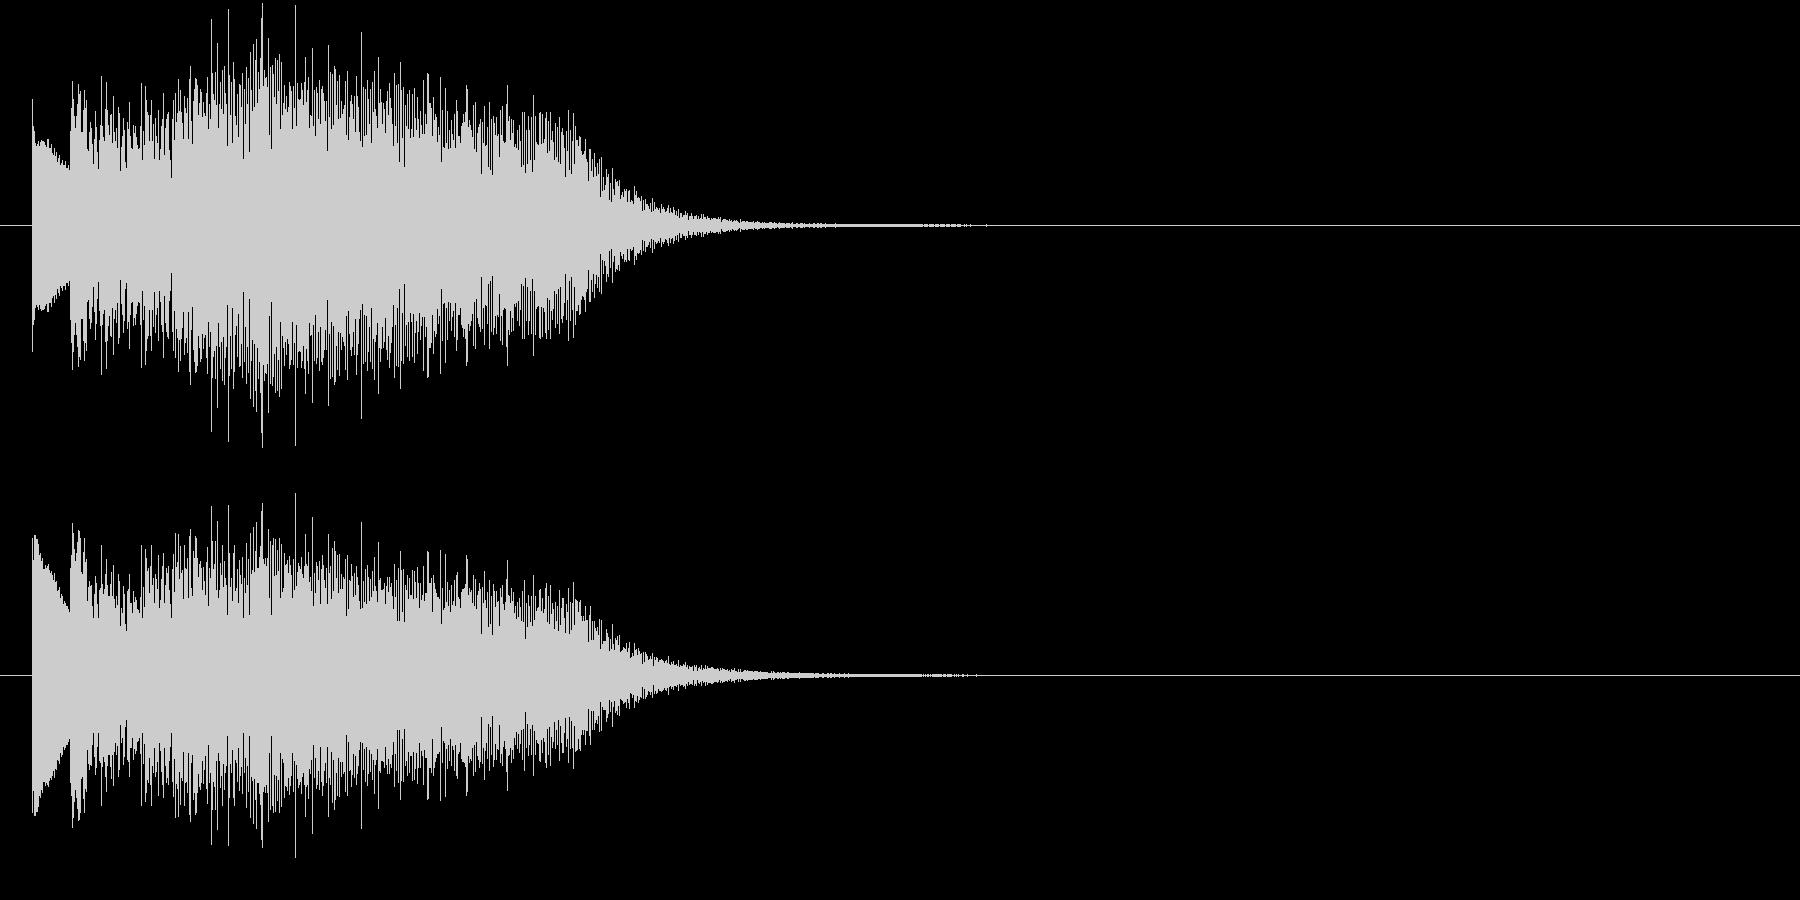 不思議なビブラフォンの上昇の未再生の波形